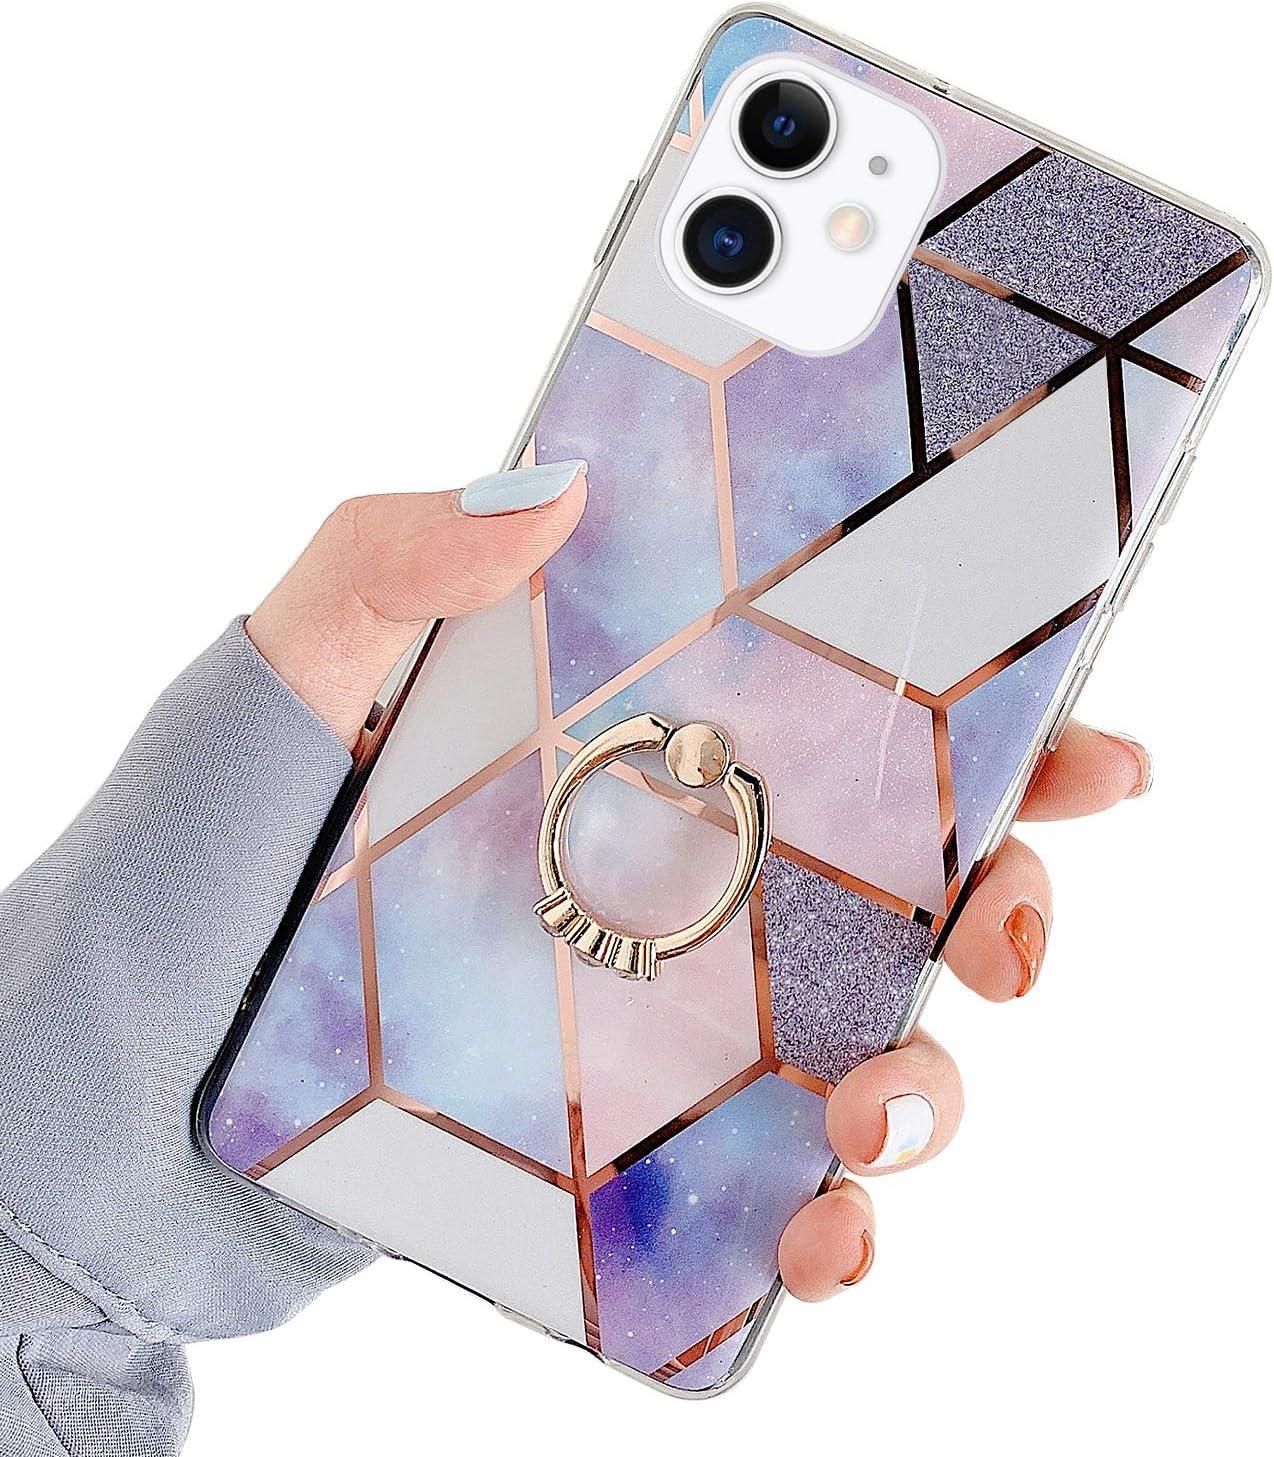 QPOLLY Compatible avec iPhone 11 Coque avec Anneau Brillante Glitter Paillettes Bling Design Marbre Motif Ultra Mince Souple TPU Silicone Gel Bumper Antichoc Housse /Étui de Protection,Blanc